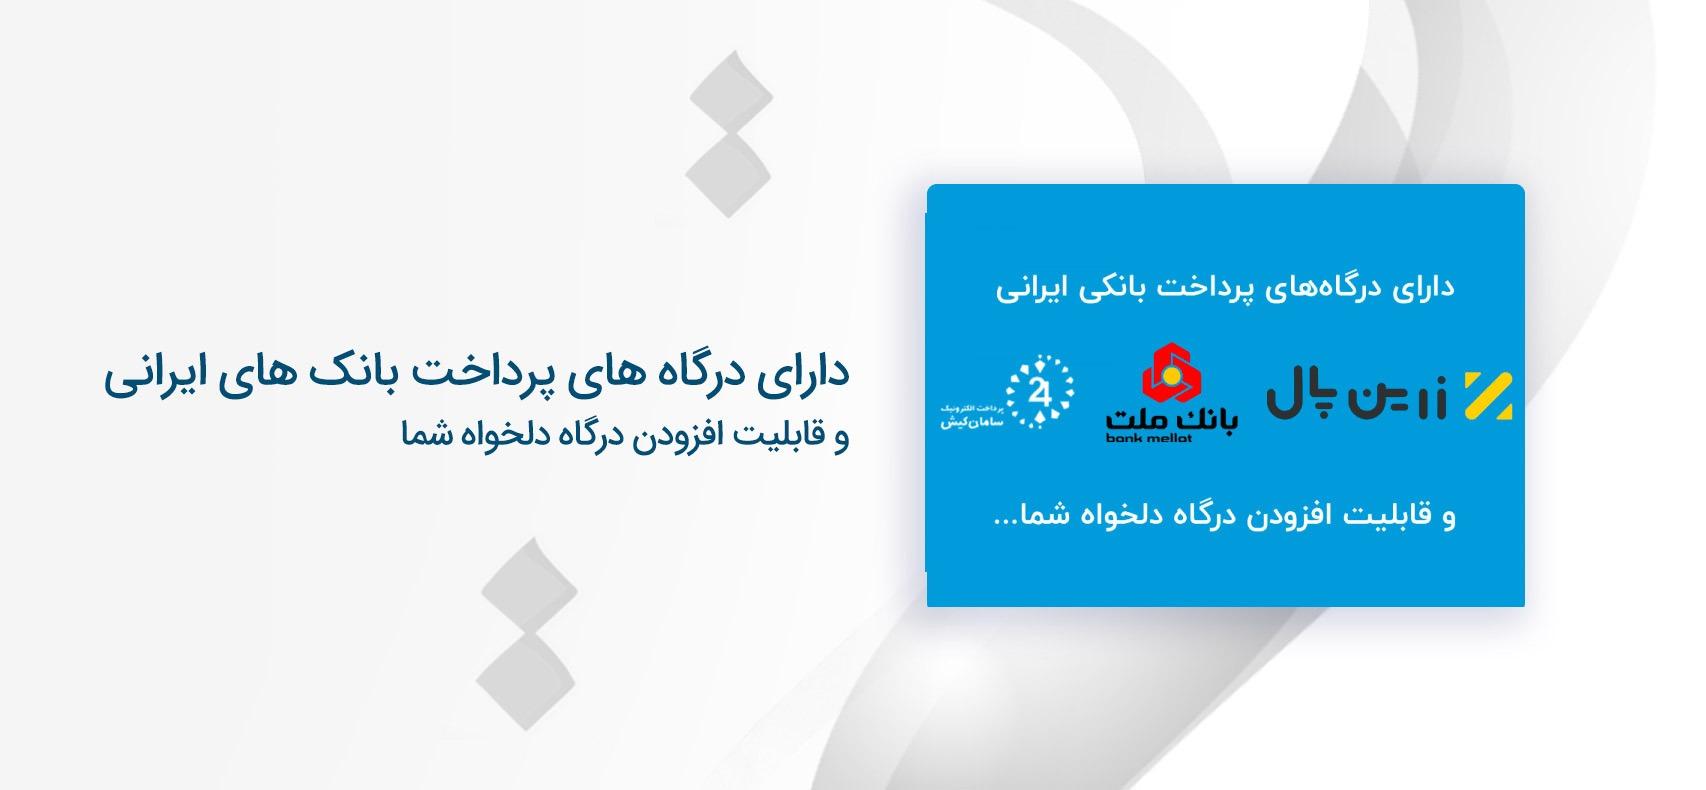 دارای درگاههای پرداخت بانکهای ایرانی